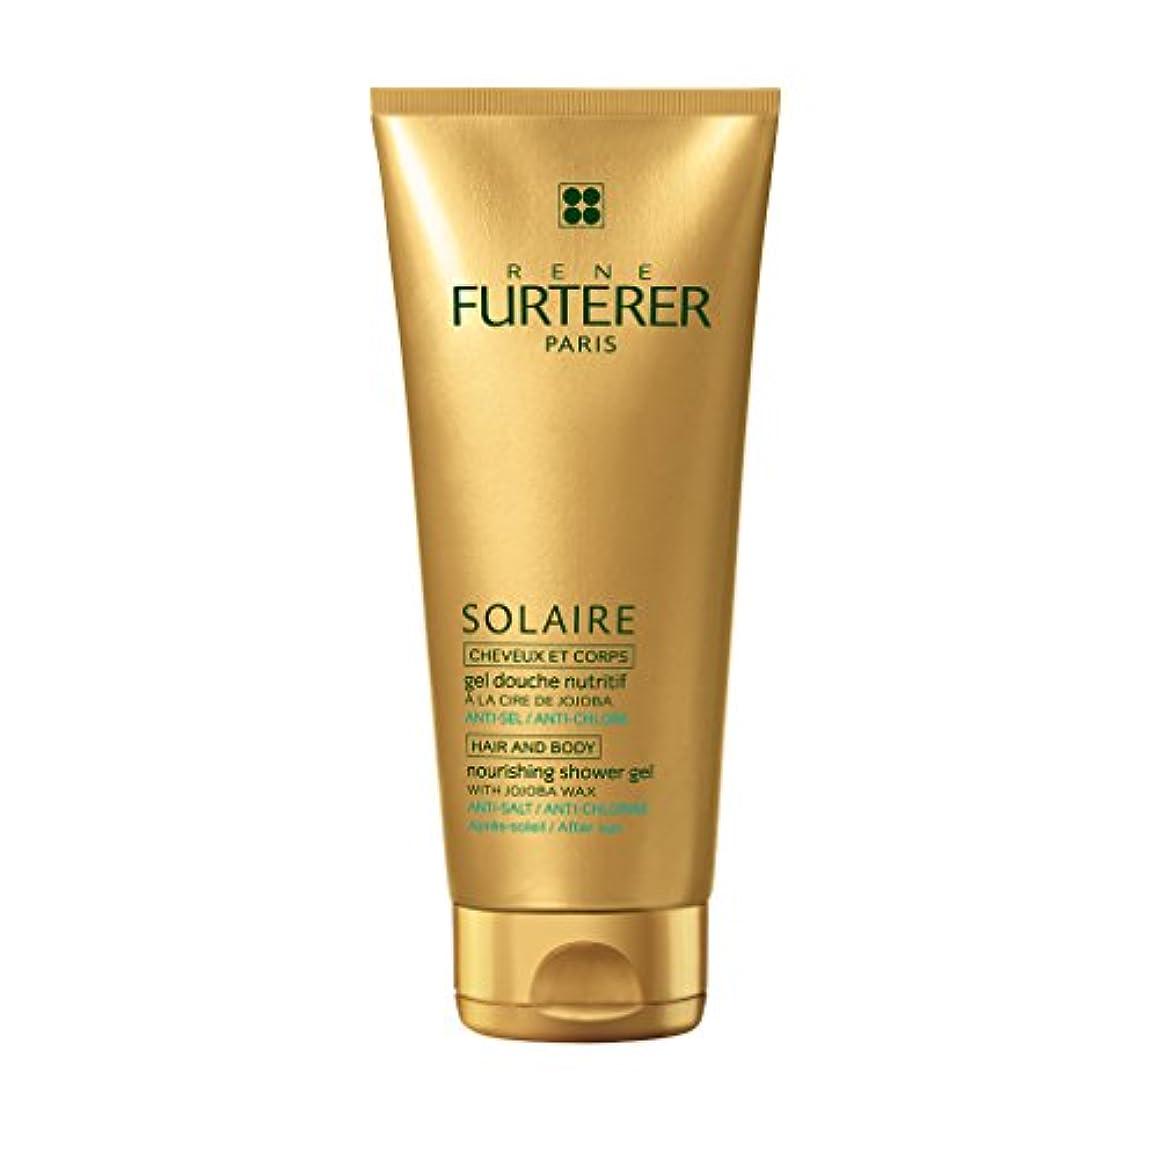 展示会ソケットファンルネ フルトレール Solaire Nourishing Shower Gel with Jojoba Wax (Hair and Body) 200ml